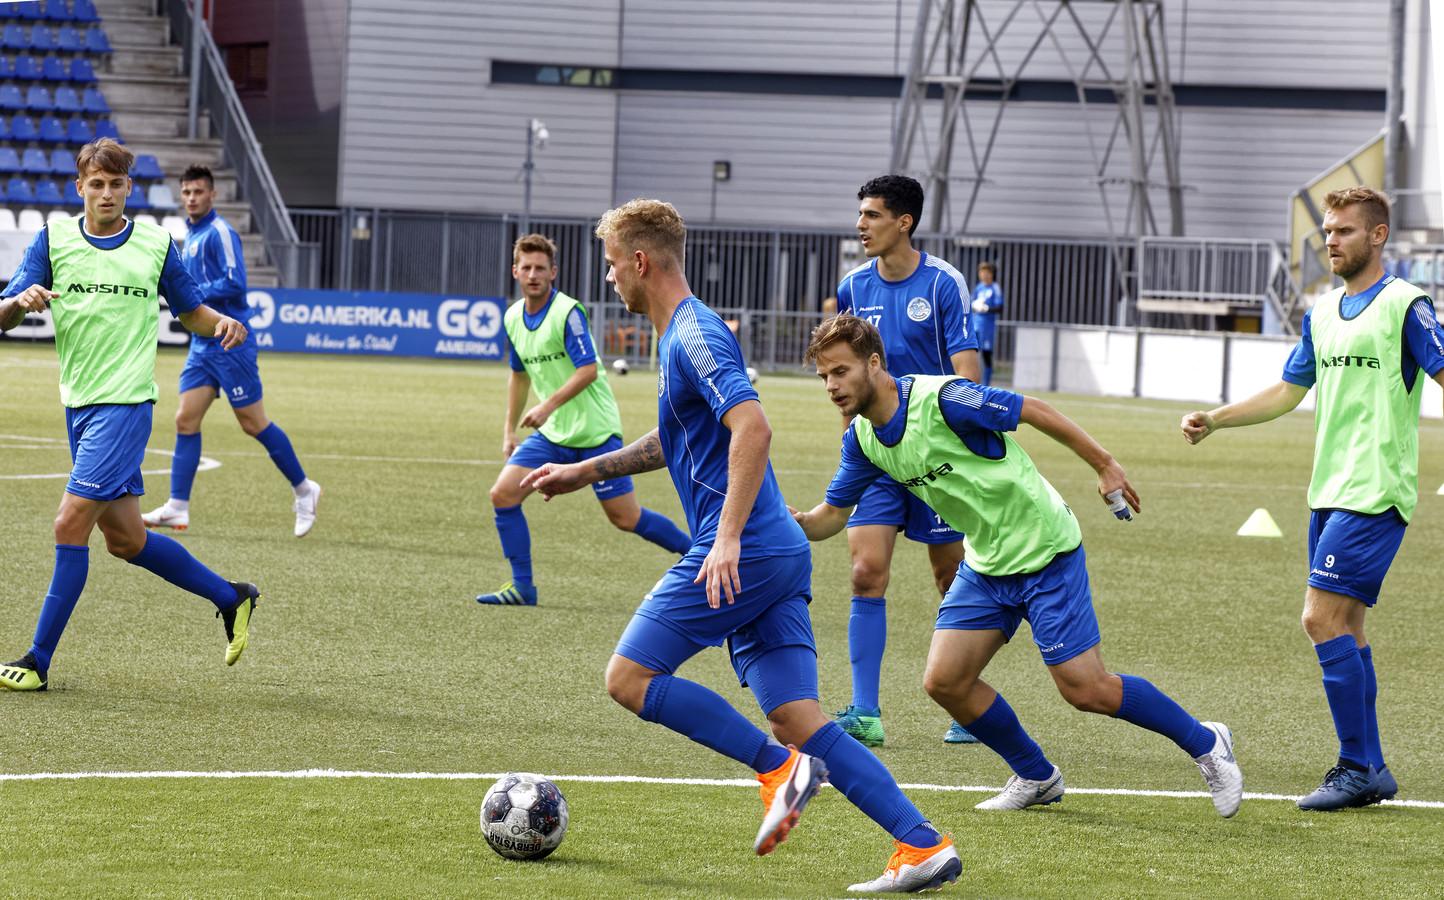 Luuk Brouwers aan de bal op de training van FC Den Bosch. Van links naar rechts kijken Stefano Beltrame, Stefan Velkov, Jens van Son, Oussama Bouyaghlafen, Rauno Sappinen en Dennis Kaars toe.